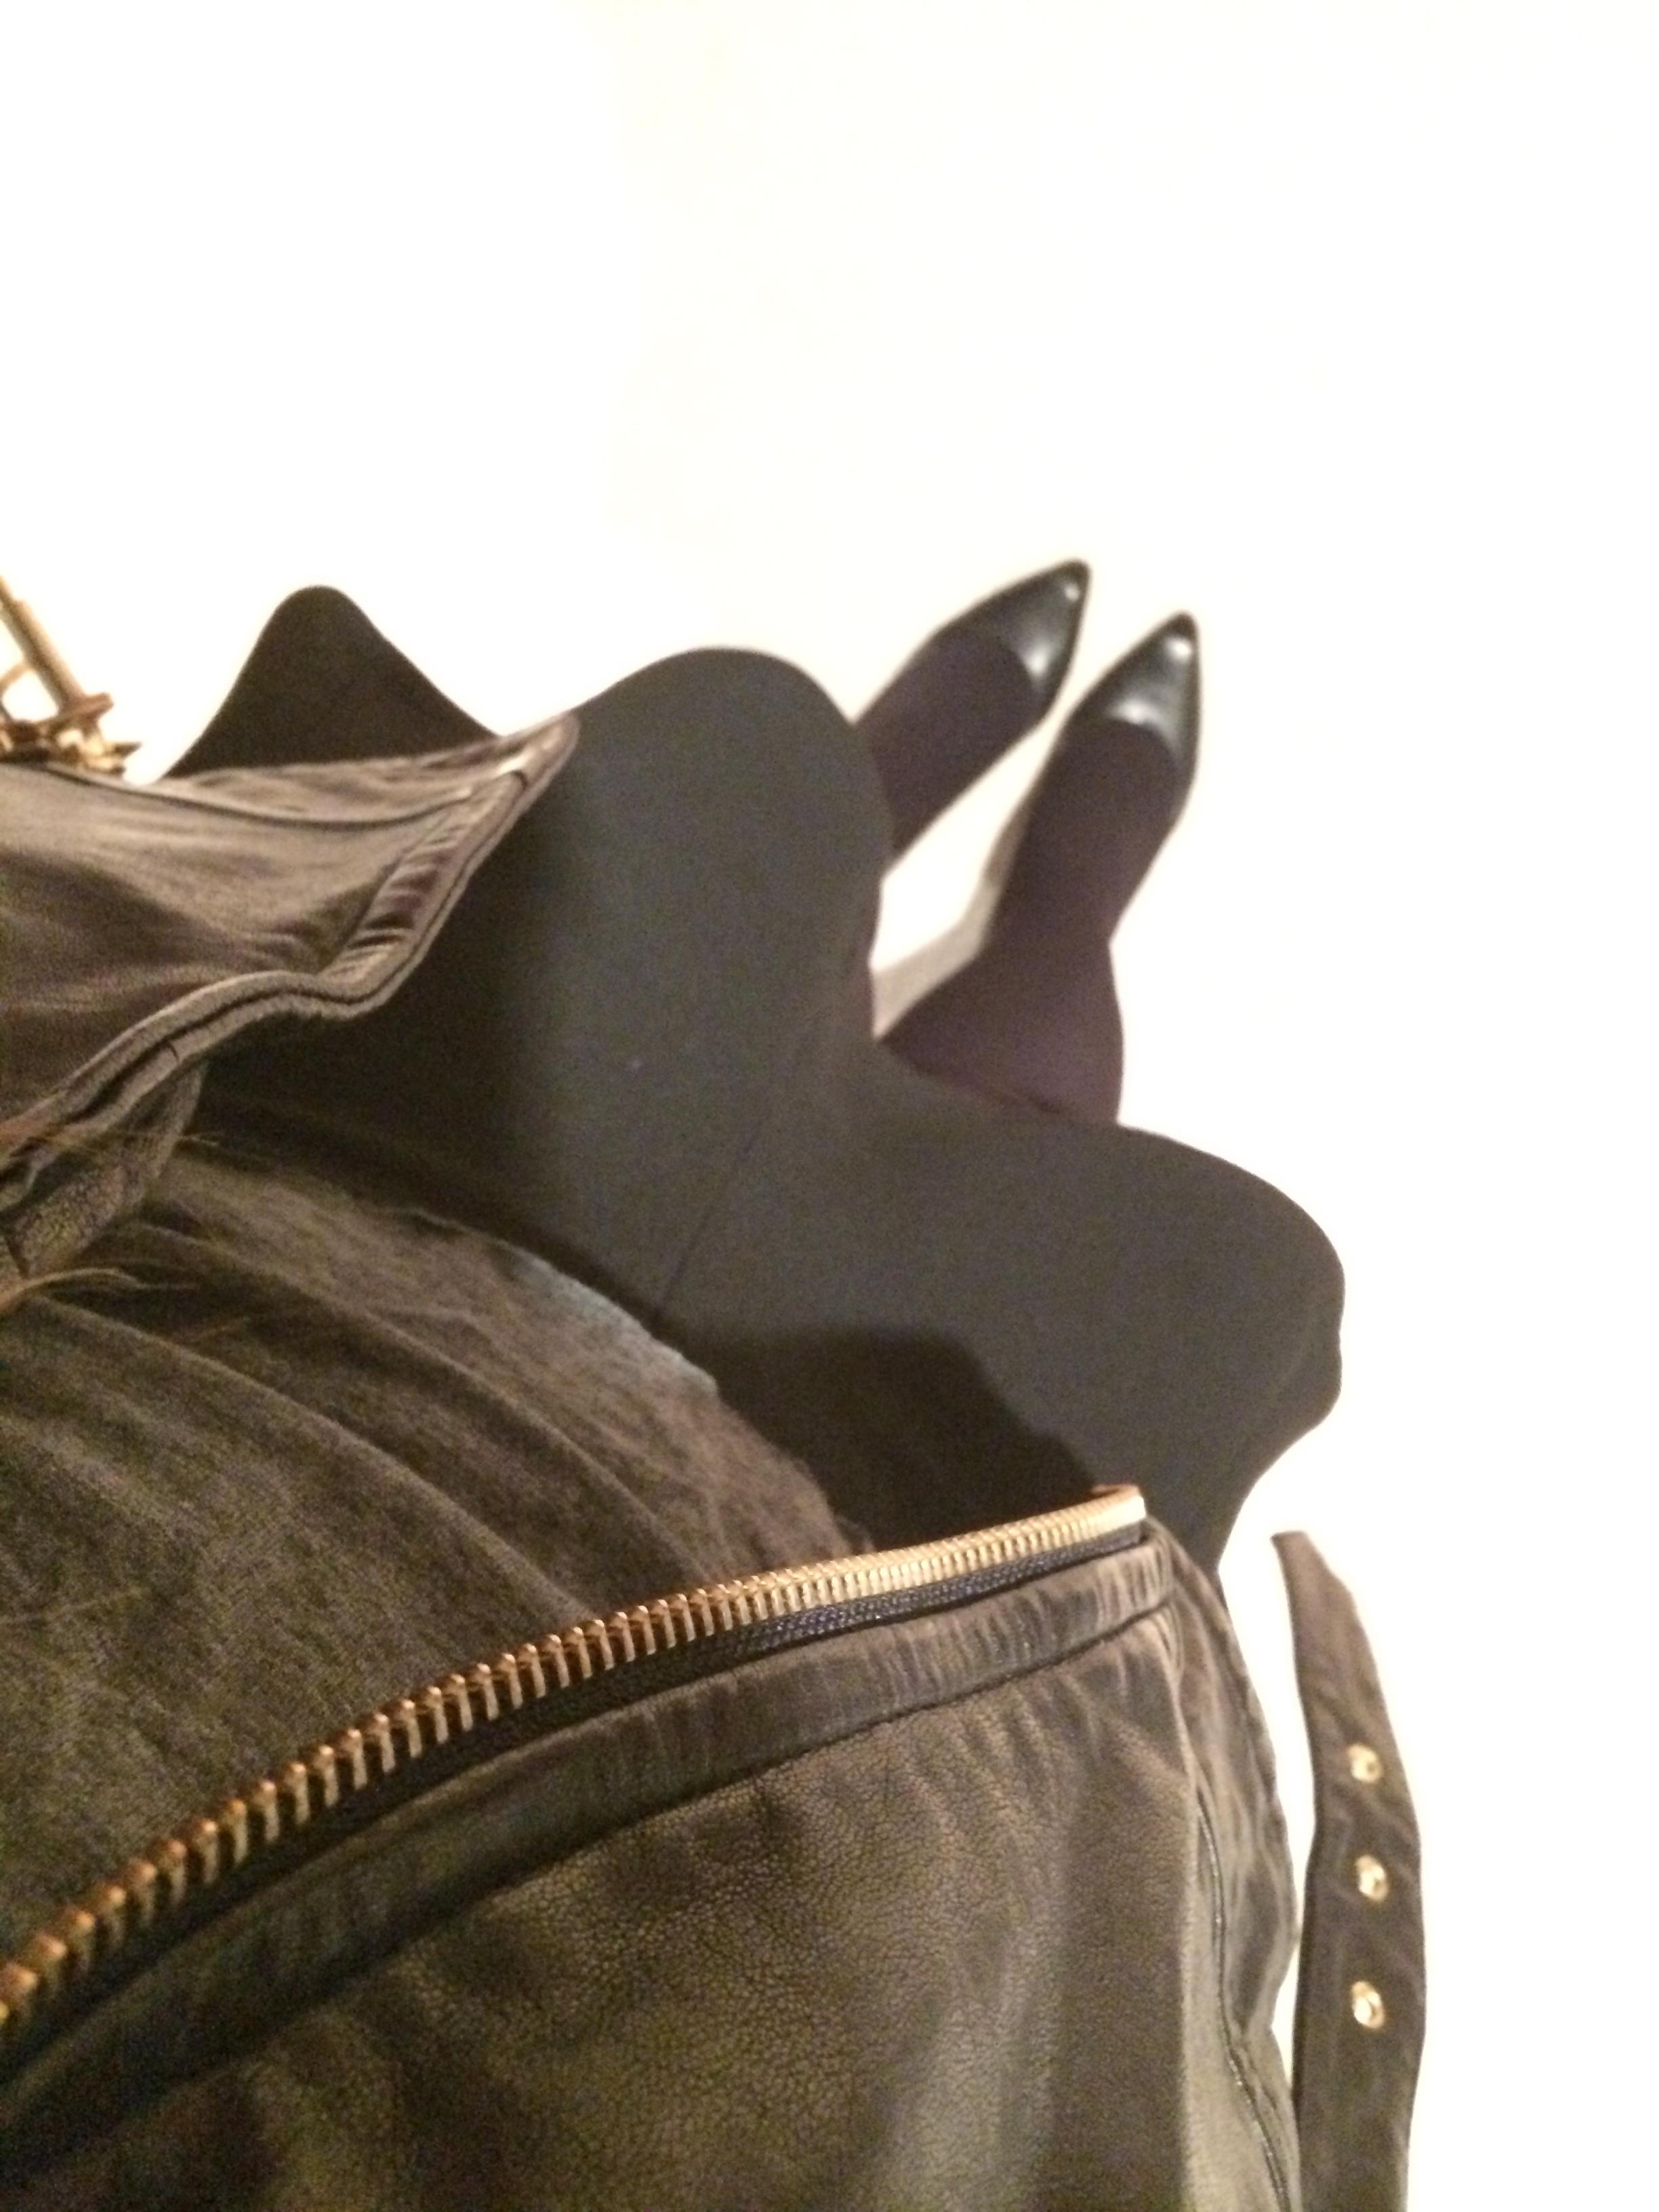 UrbanCloset: What I'm Wearing During Fashion Week